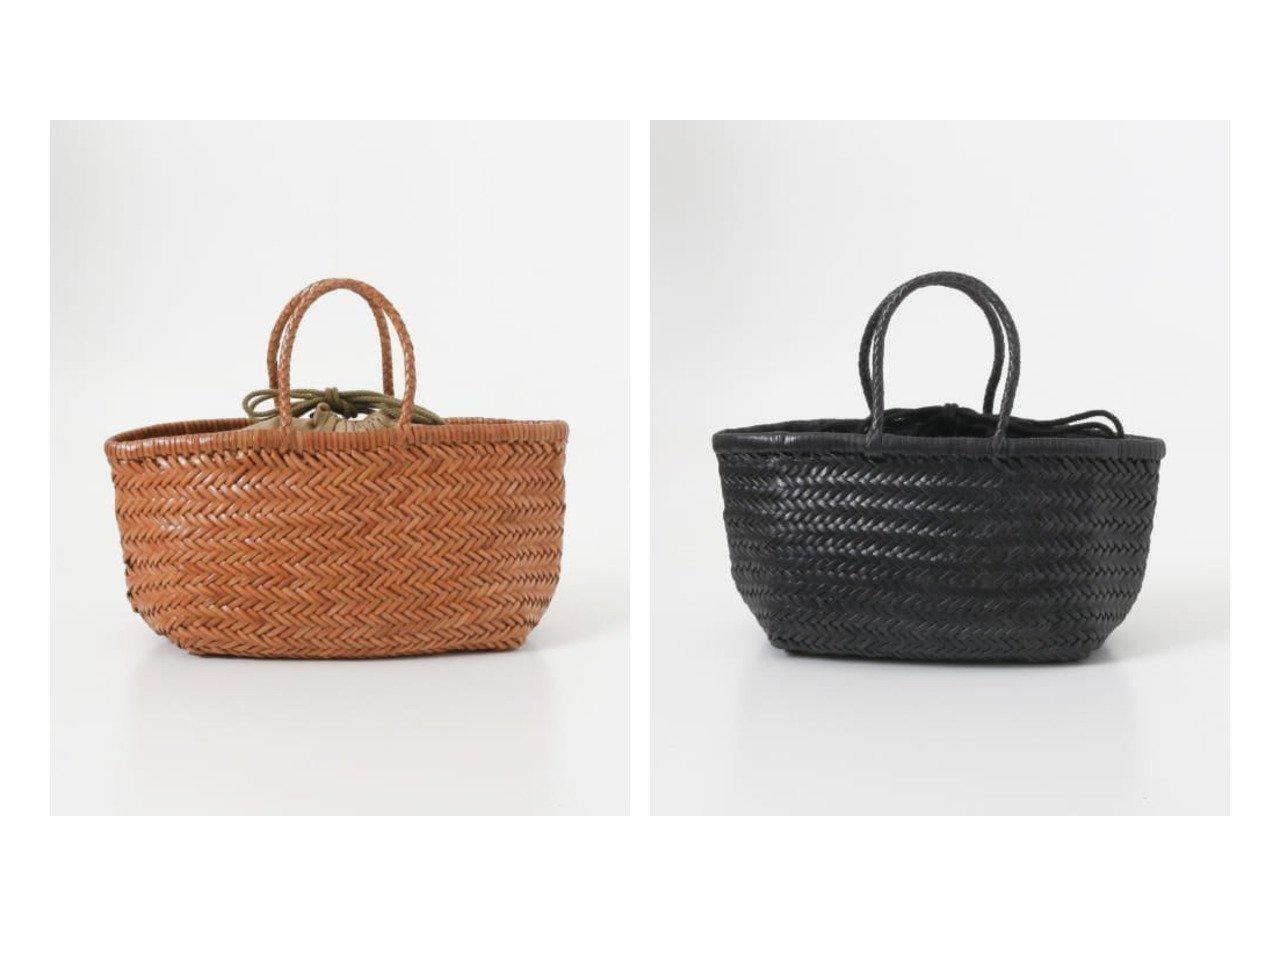 【URBAN RESEARCH/アーバンリサーチ】のDRAGON BAMBOO TRIPLE JUMP SMALL バッグ・鞄のおすすめ!人気、トレンド・レディースファッションの通販 おすすめで人気の流行・トレンド、ファッションの通販商品 メンズファッション・キッズファッション・インテリア・家具・レディースファッション・服の通販 founy(ファニー) https://founy.com/ ファッション Fashion レディースファッション WOMEN ハンド ハンドバッグ メッシュ 再入荷 Restock/Back in Stock/Re Arrival |ID:crp329100000023941